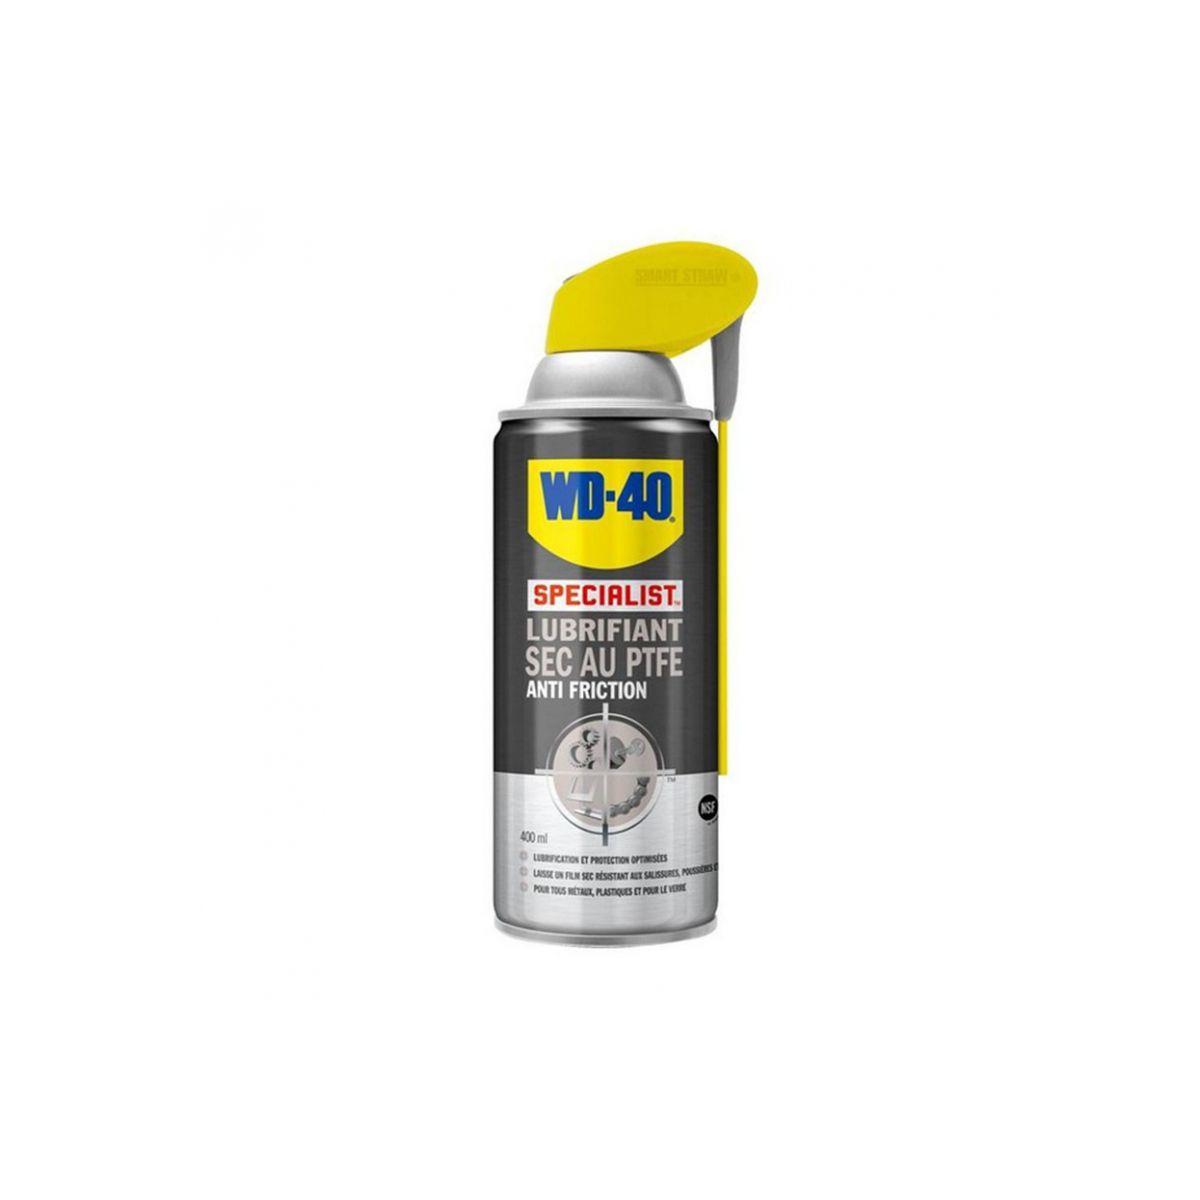 Accessoire imprimante 3d sotec lubrifiant sec wd-40 - 2% de remise imm�diate avec le code : school2 (photo)